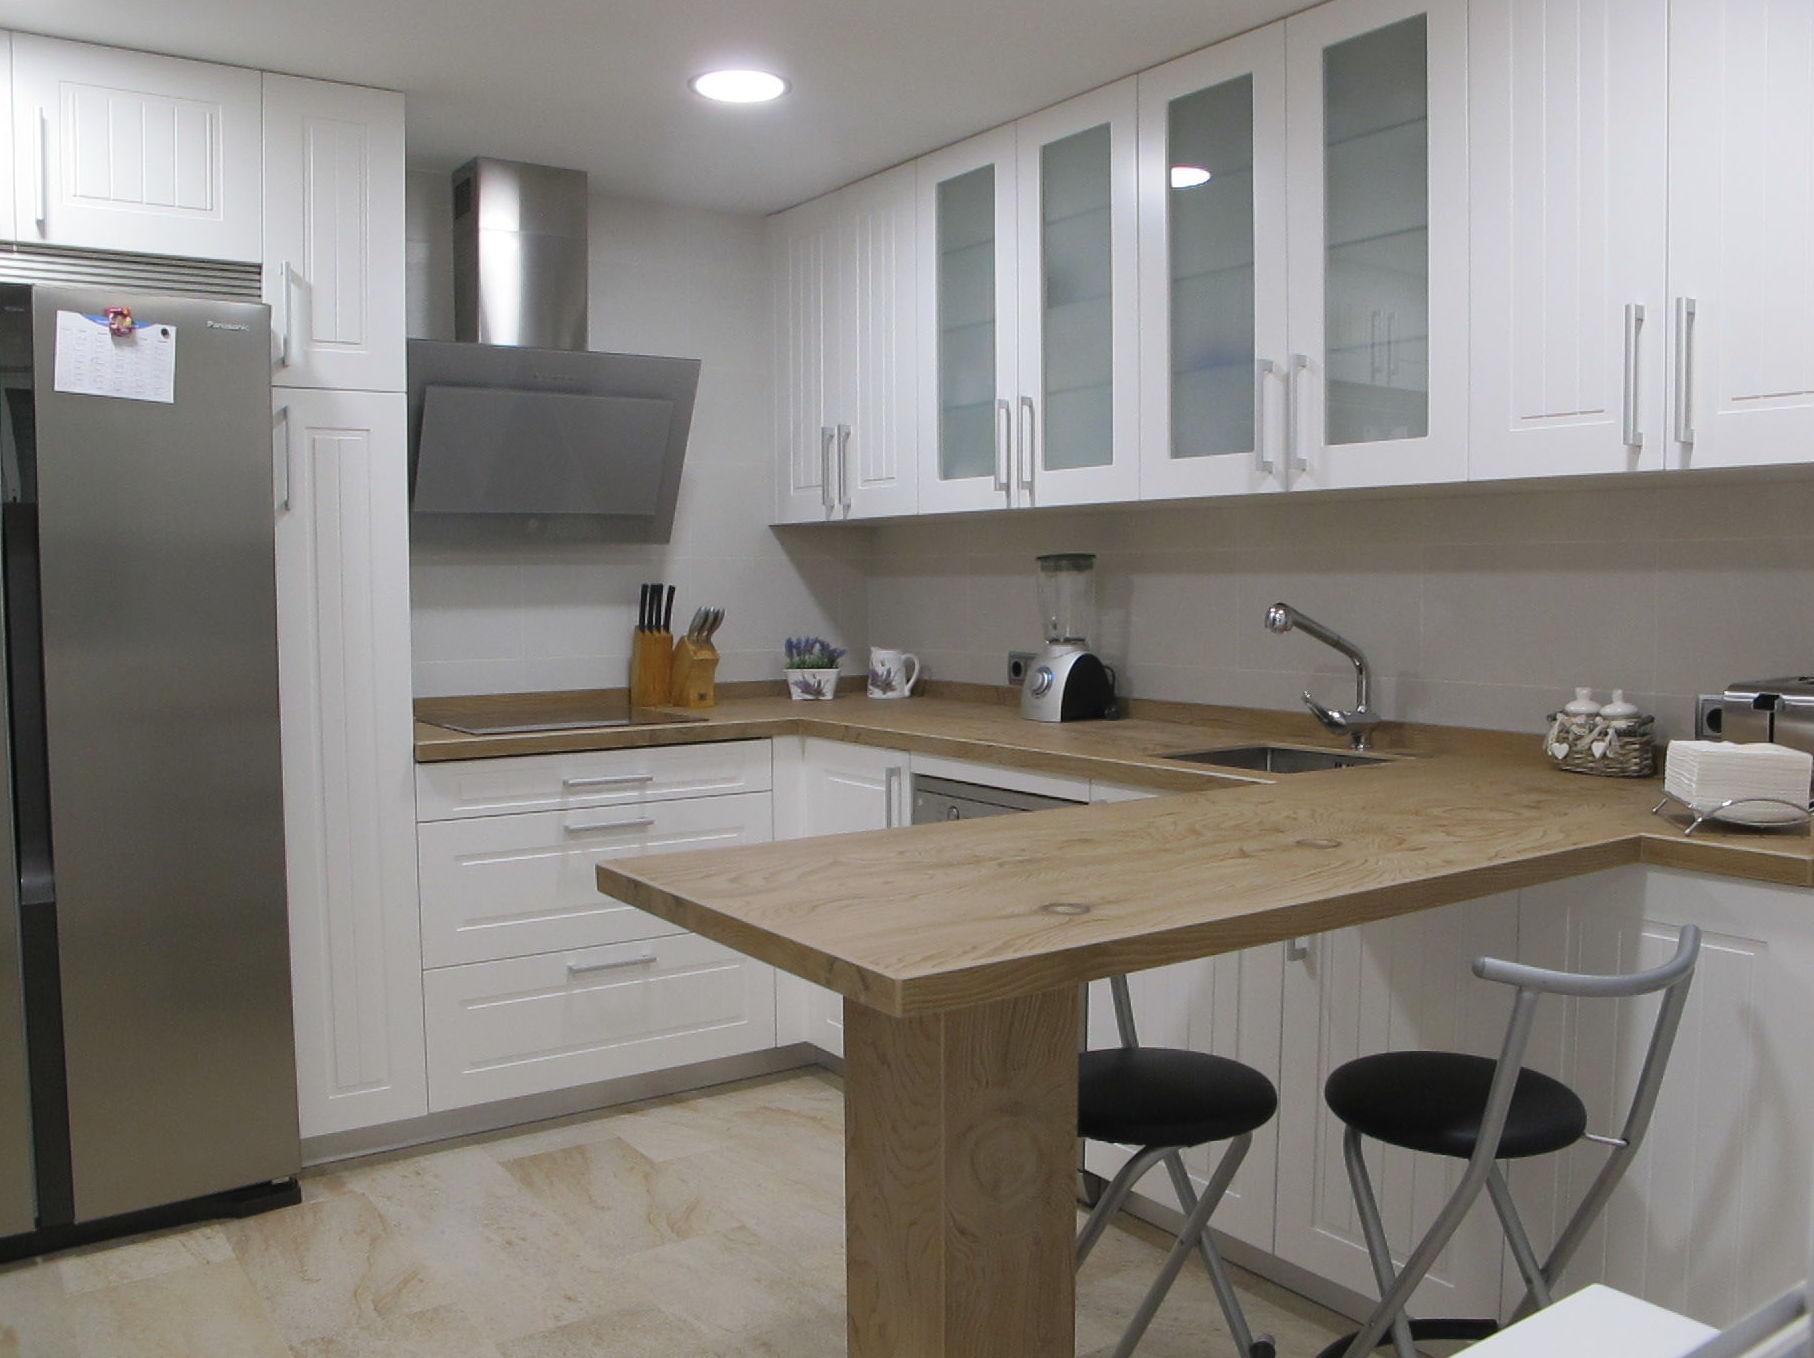 Muebles de cocina proyecto realizado en boadilla for Proyecto muebles de cocina